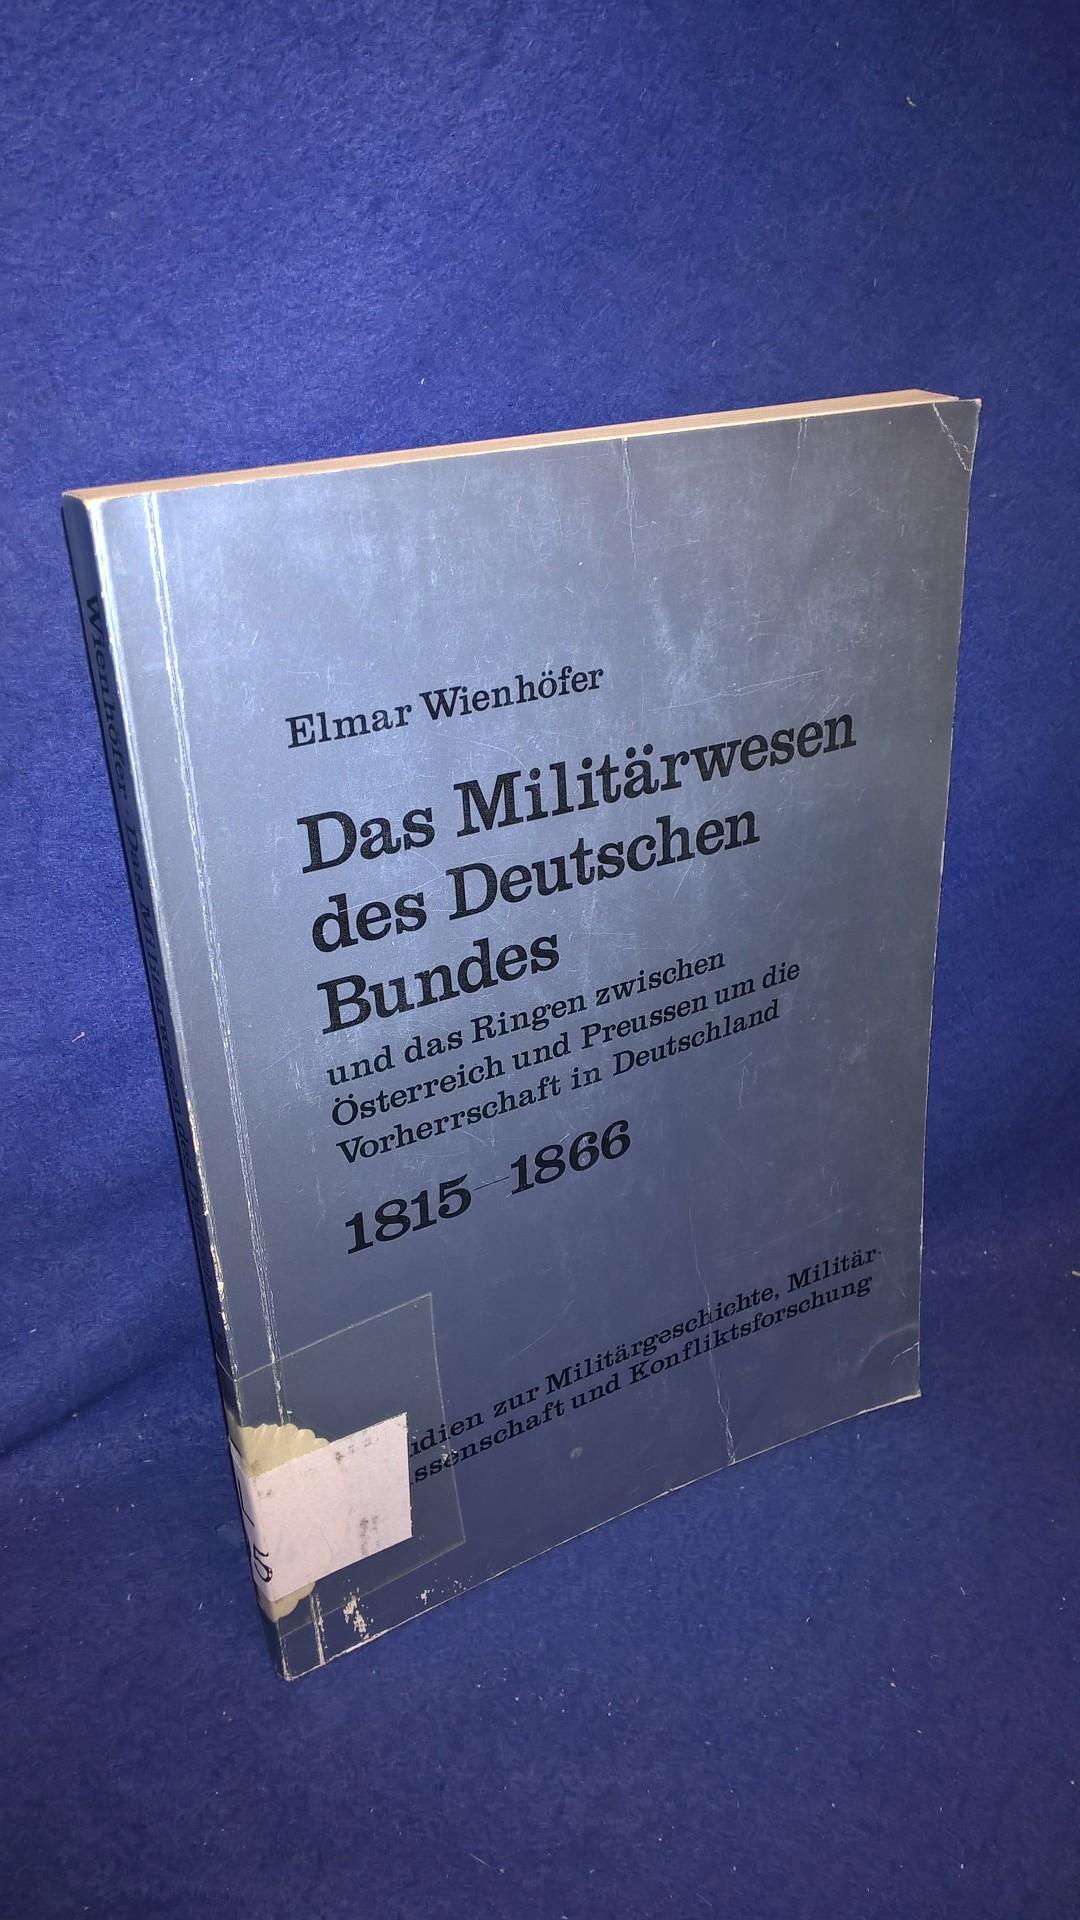 Das Militärwesen des Deutschen Bundes und das Ringen zwischen Österreich und Preussen um die vorherrschaft in Deutschland 1815-1866.